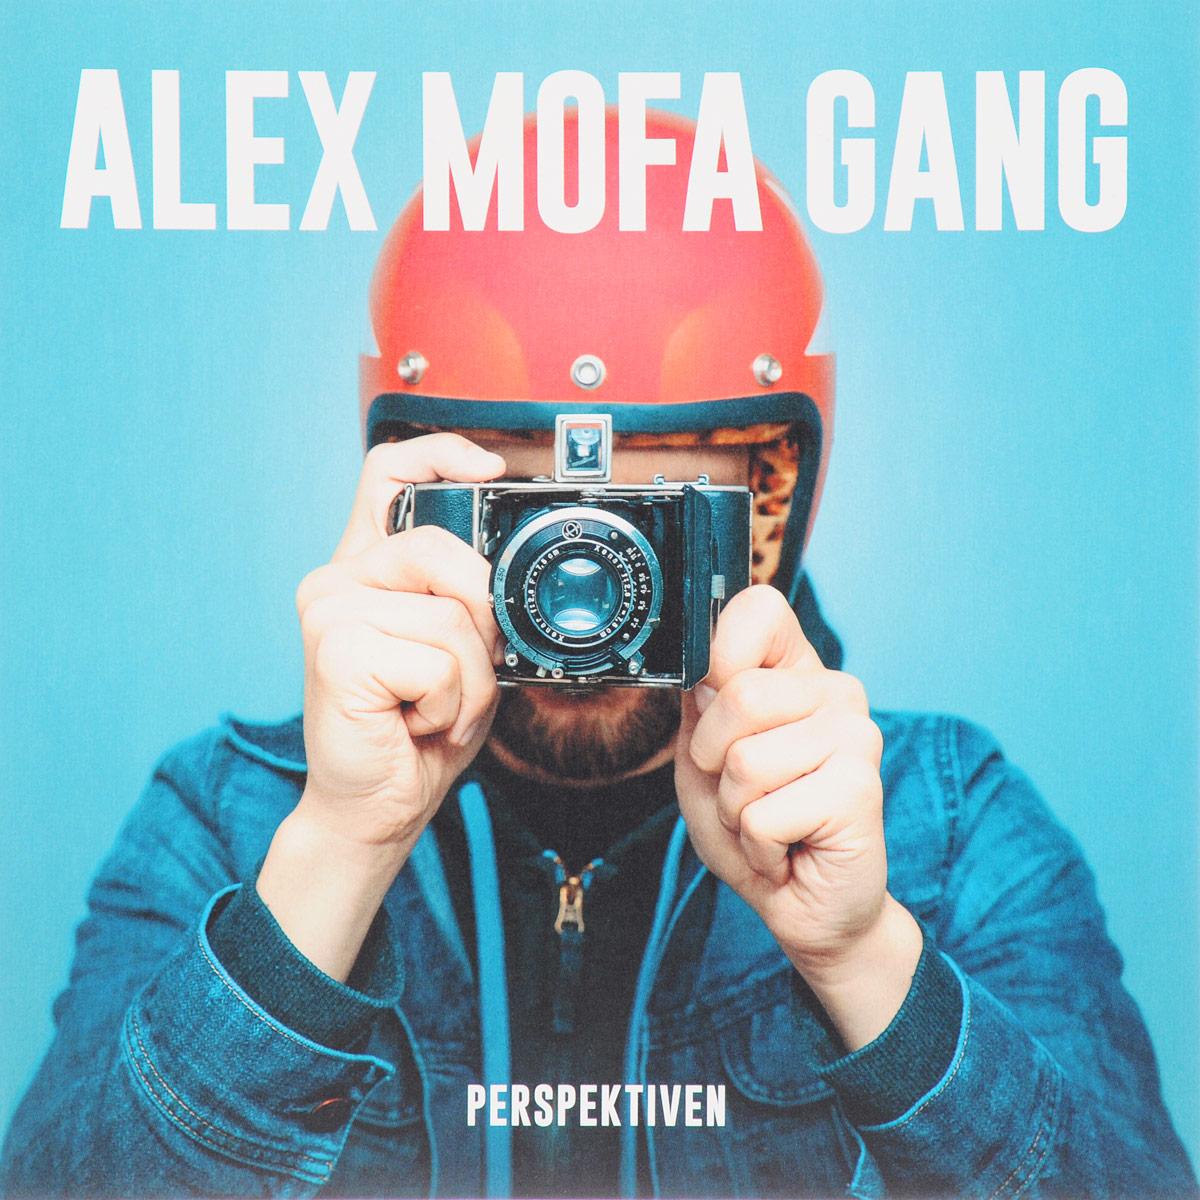 Alex Mofa Gang Alex Mofa Gang. Perspektiven (LP + CD) худи print bar skull gang